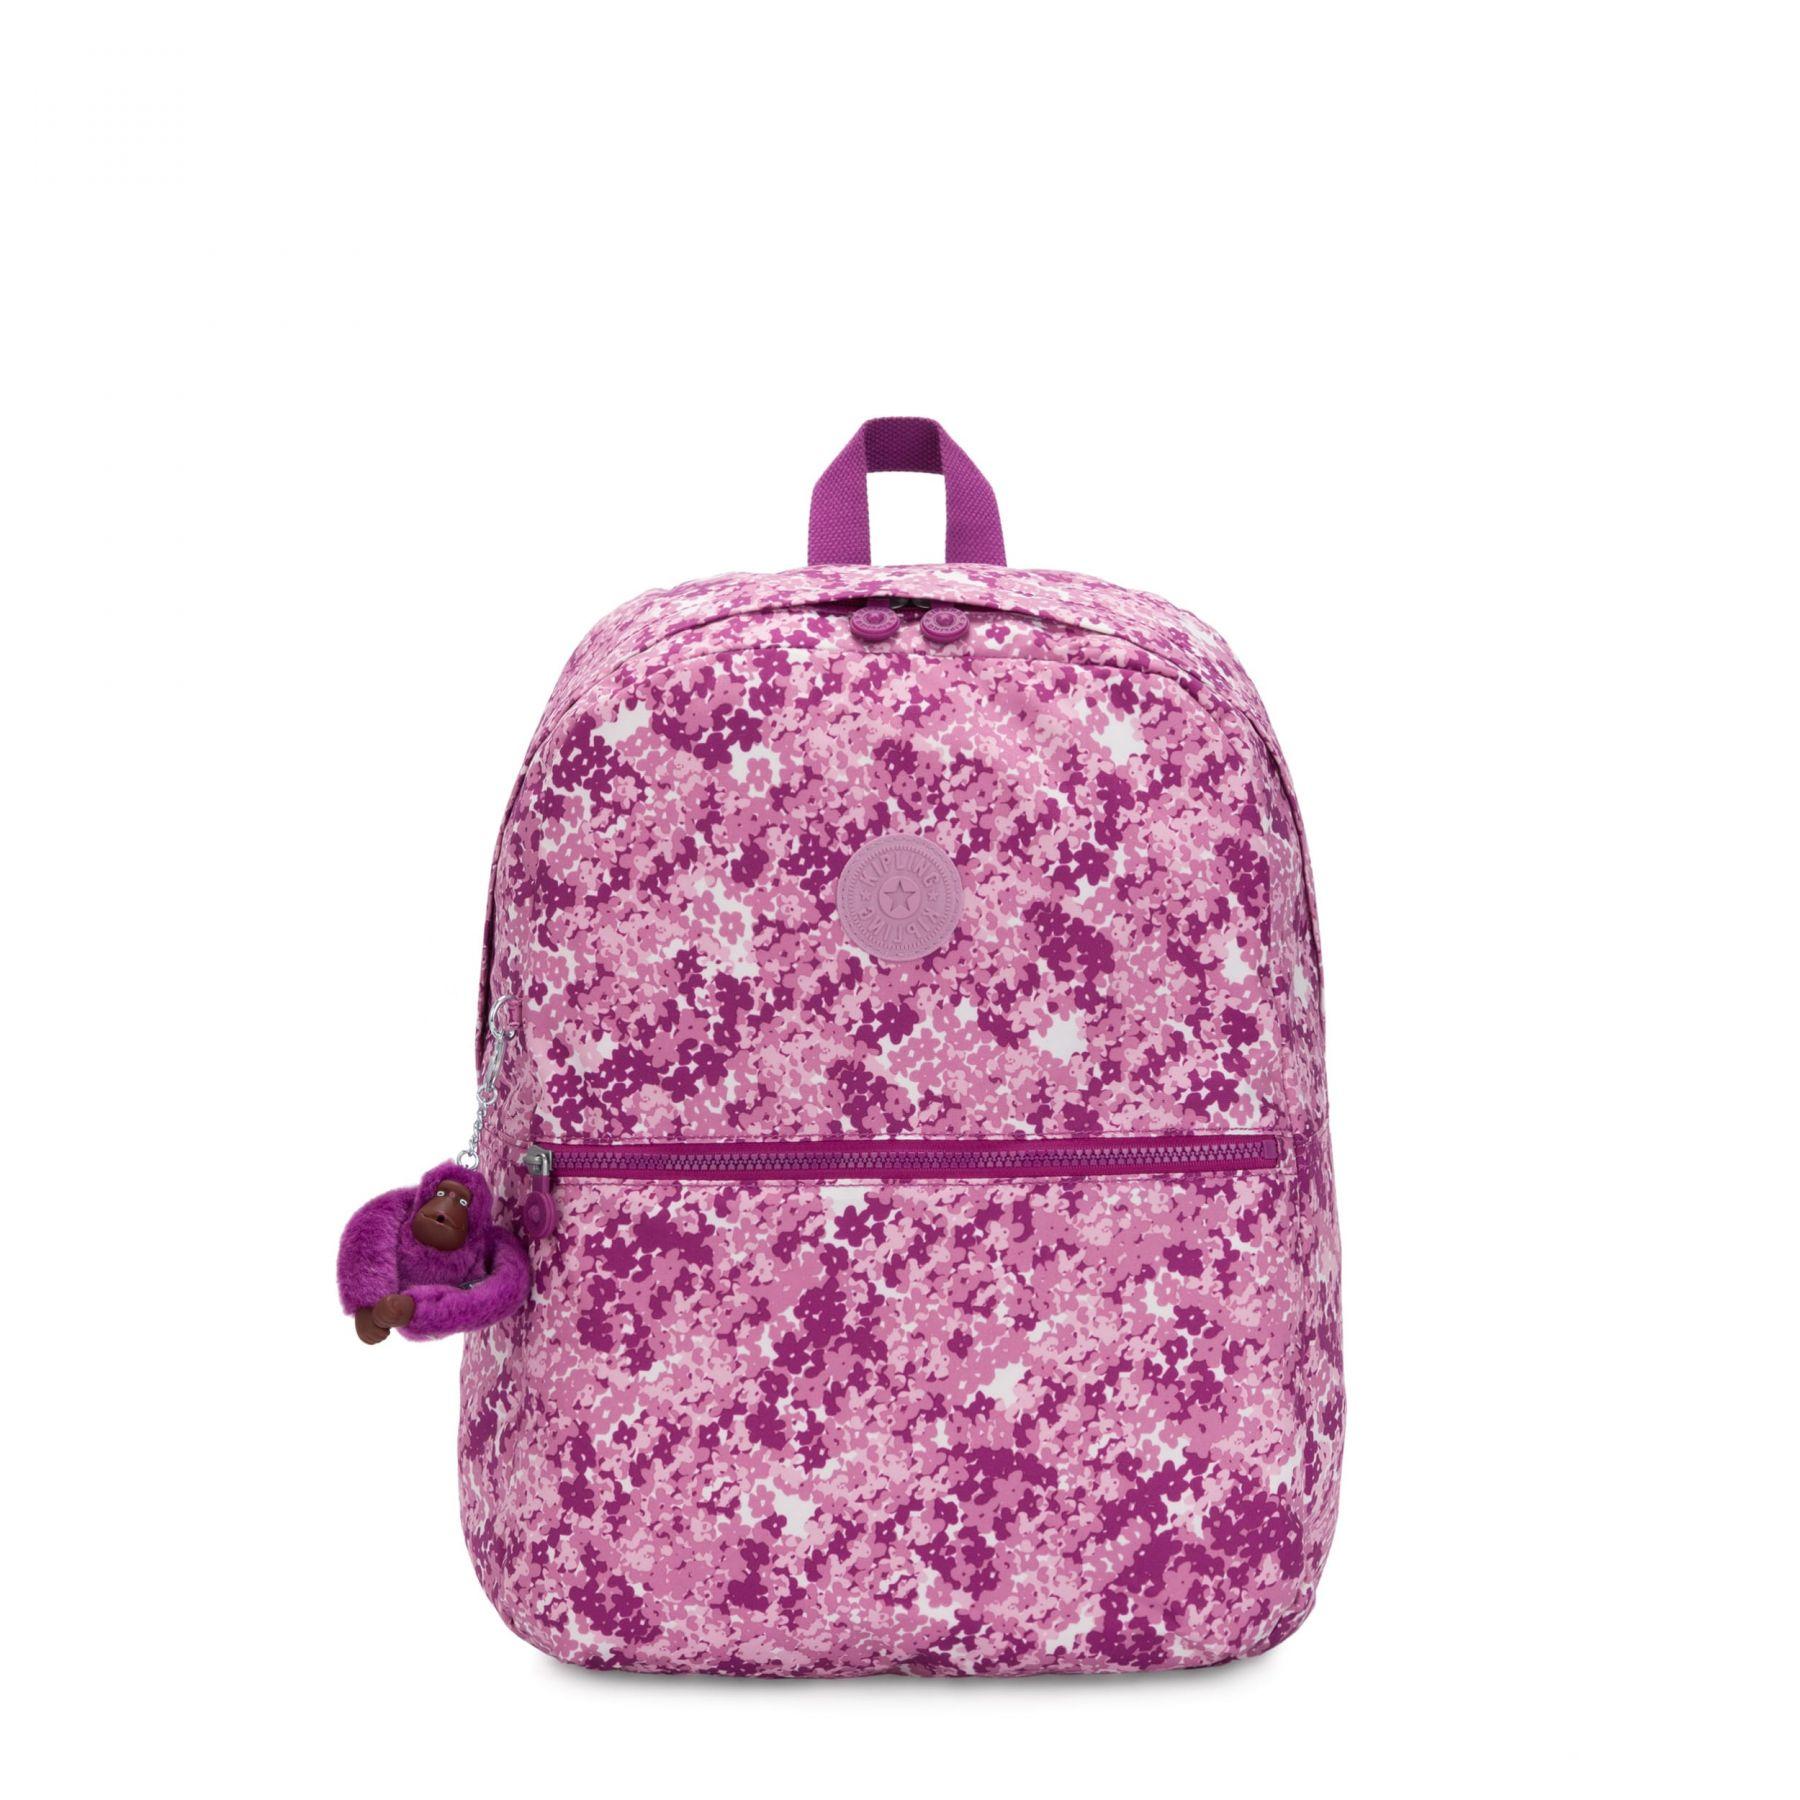 EMERY SCHOOL BAGS by Kipling